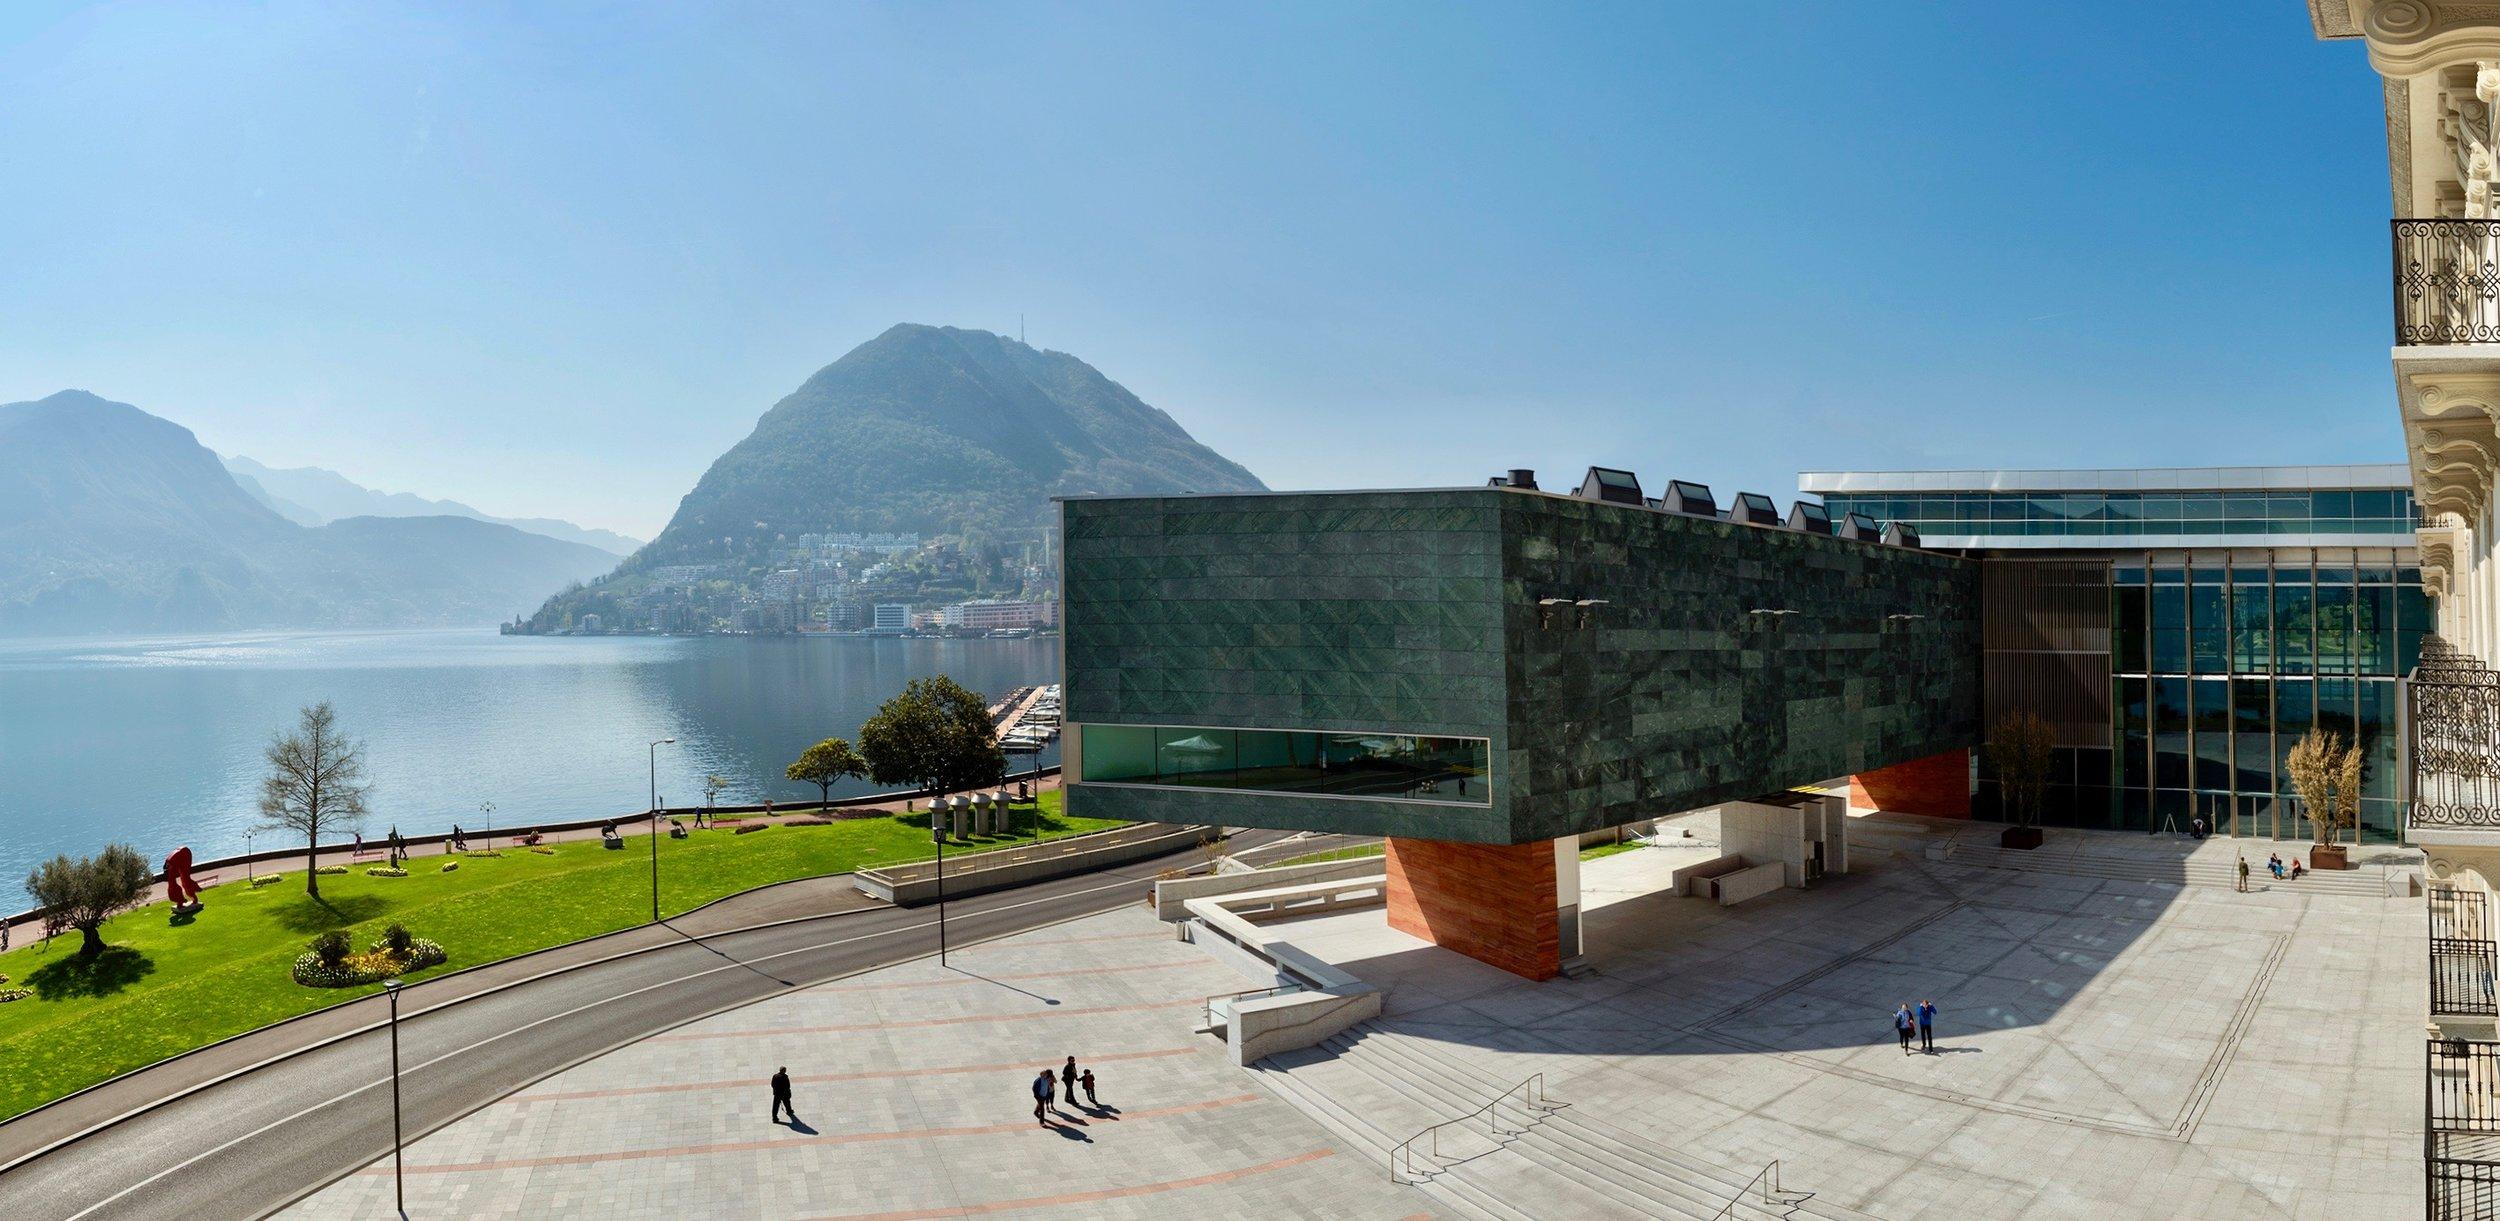 LAC - Lugano Arte e Cultura